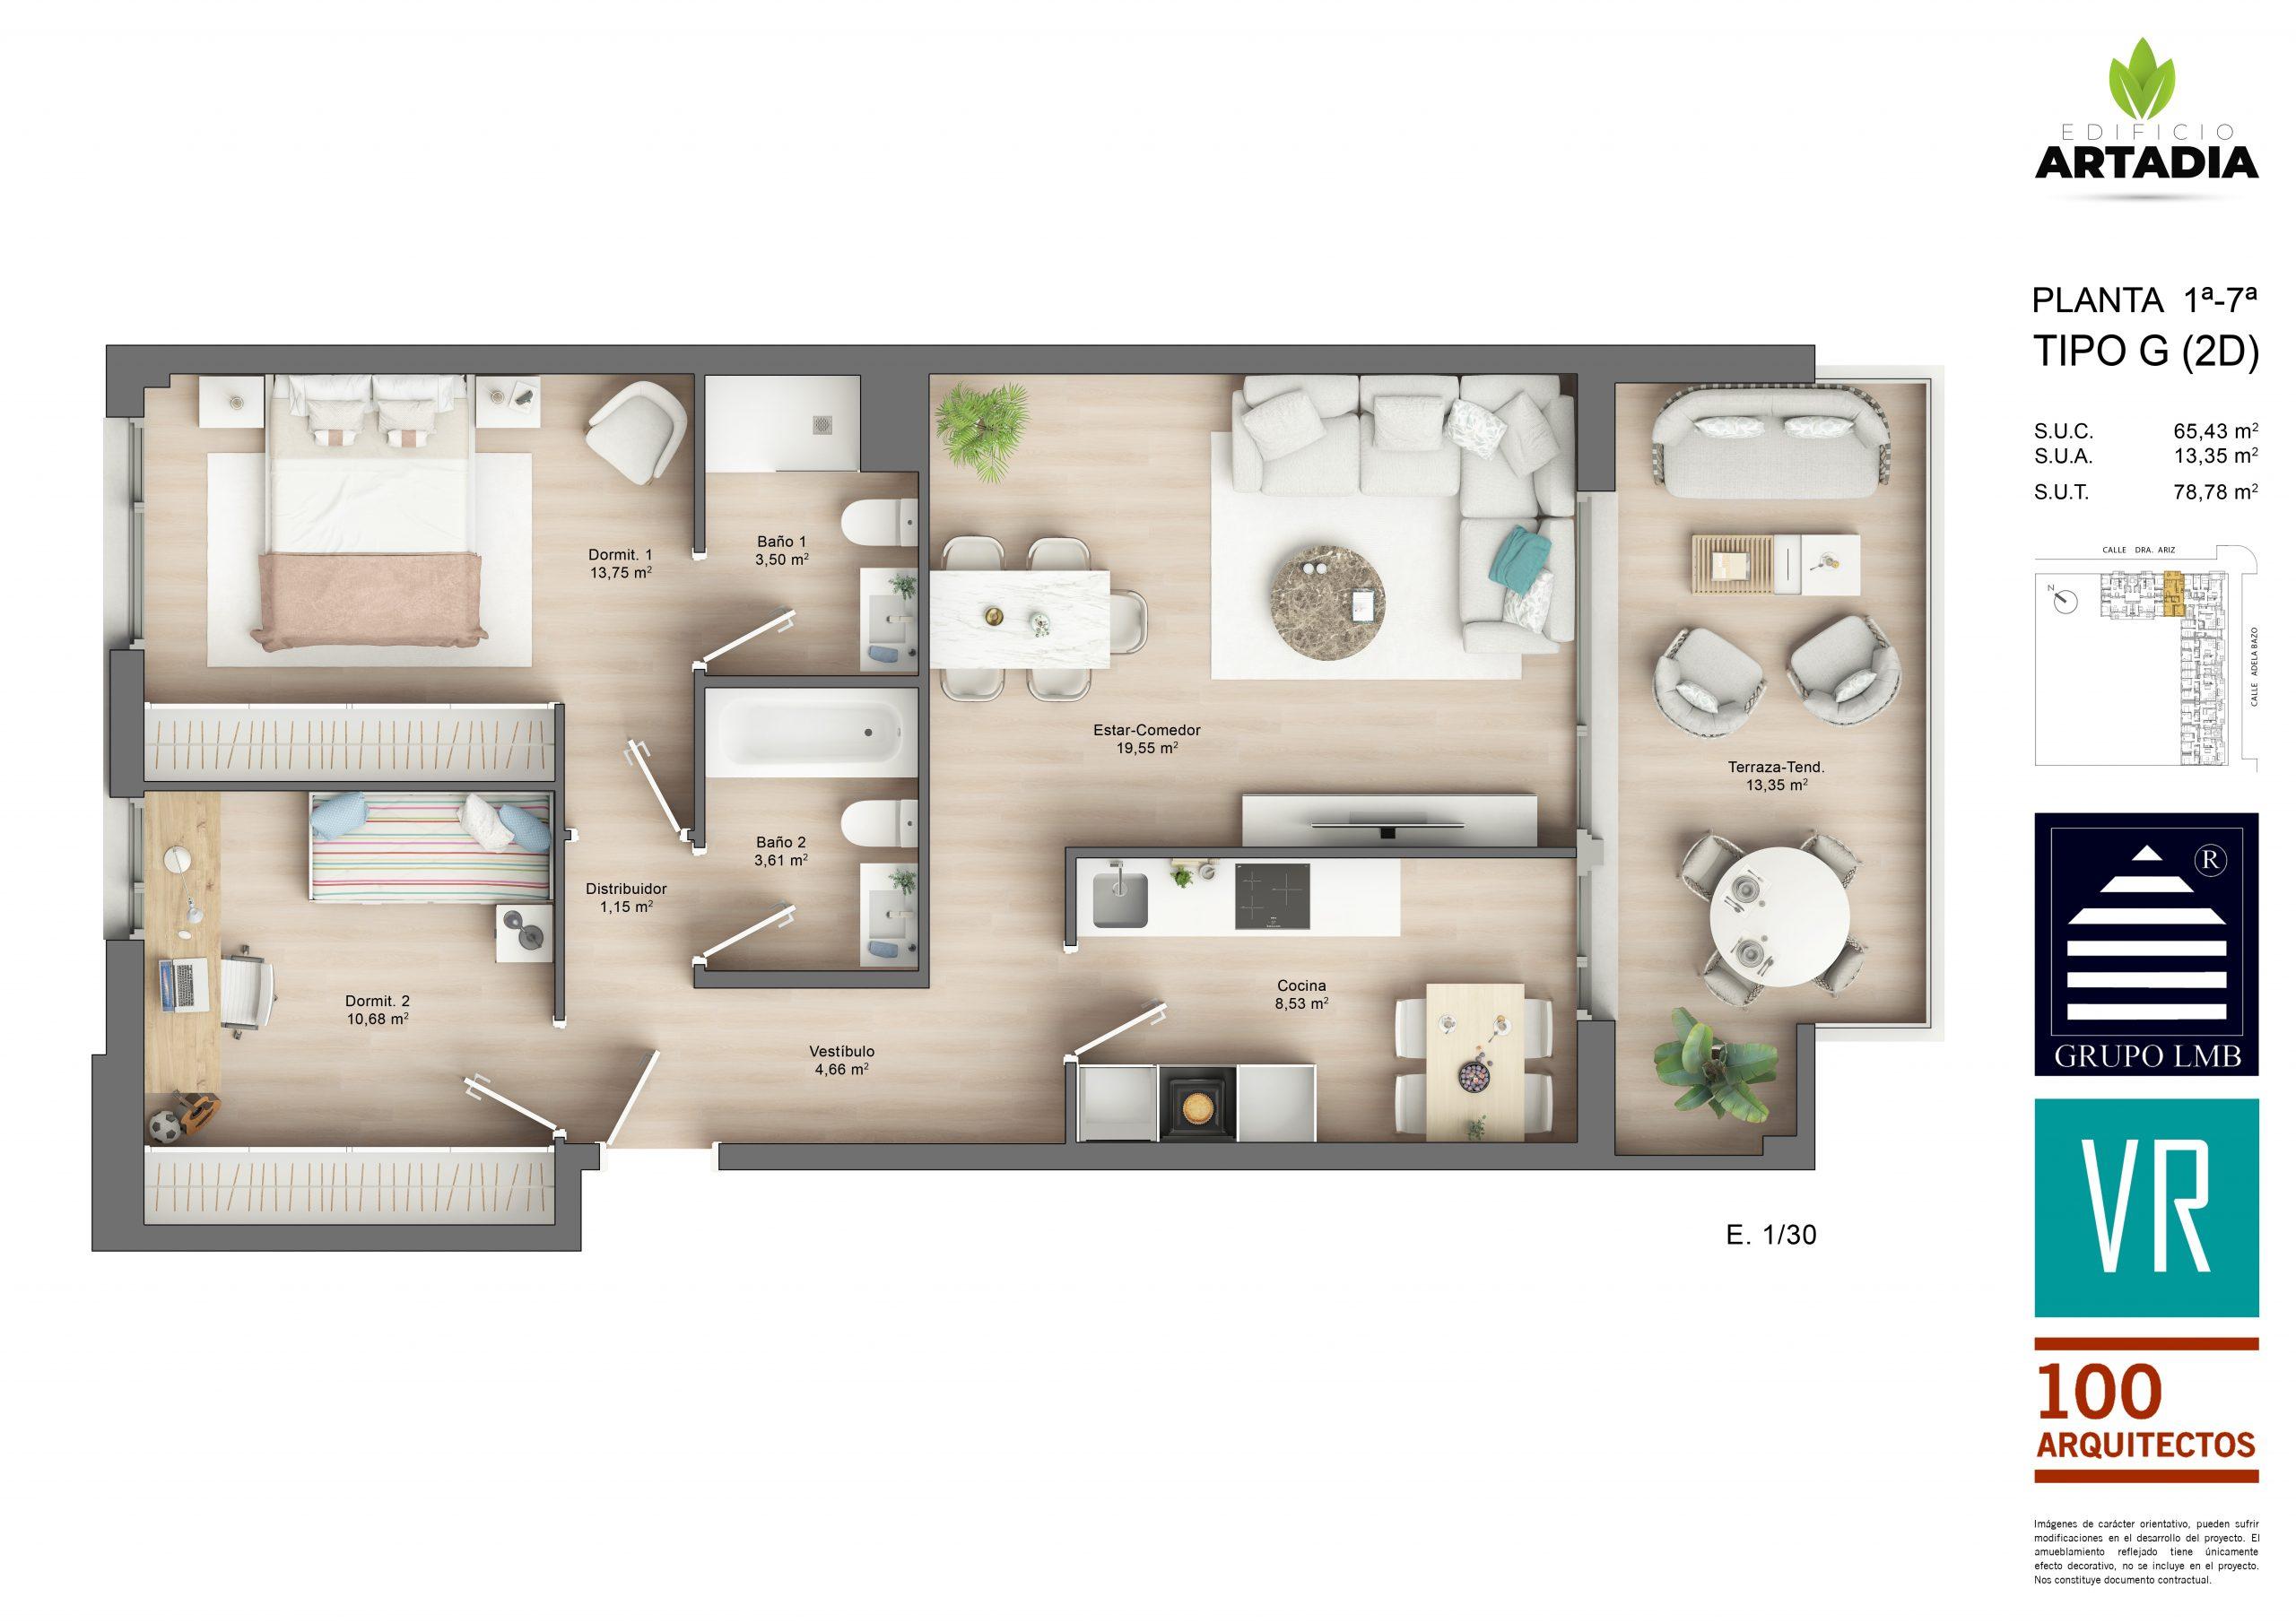 Vivienda de 2 dormitorios